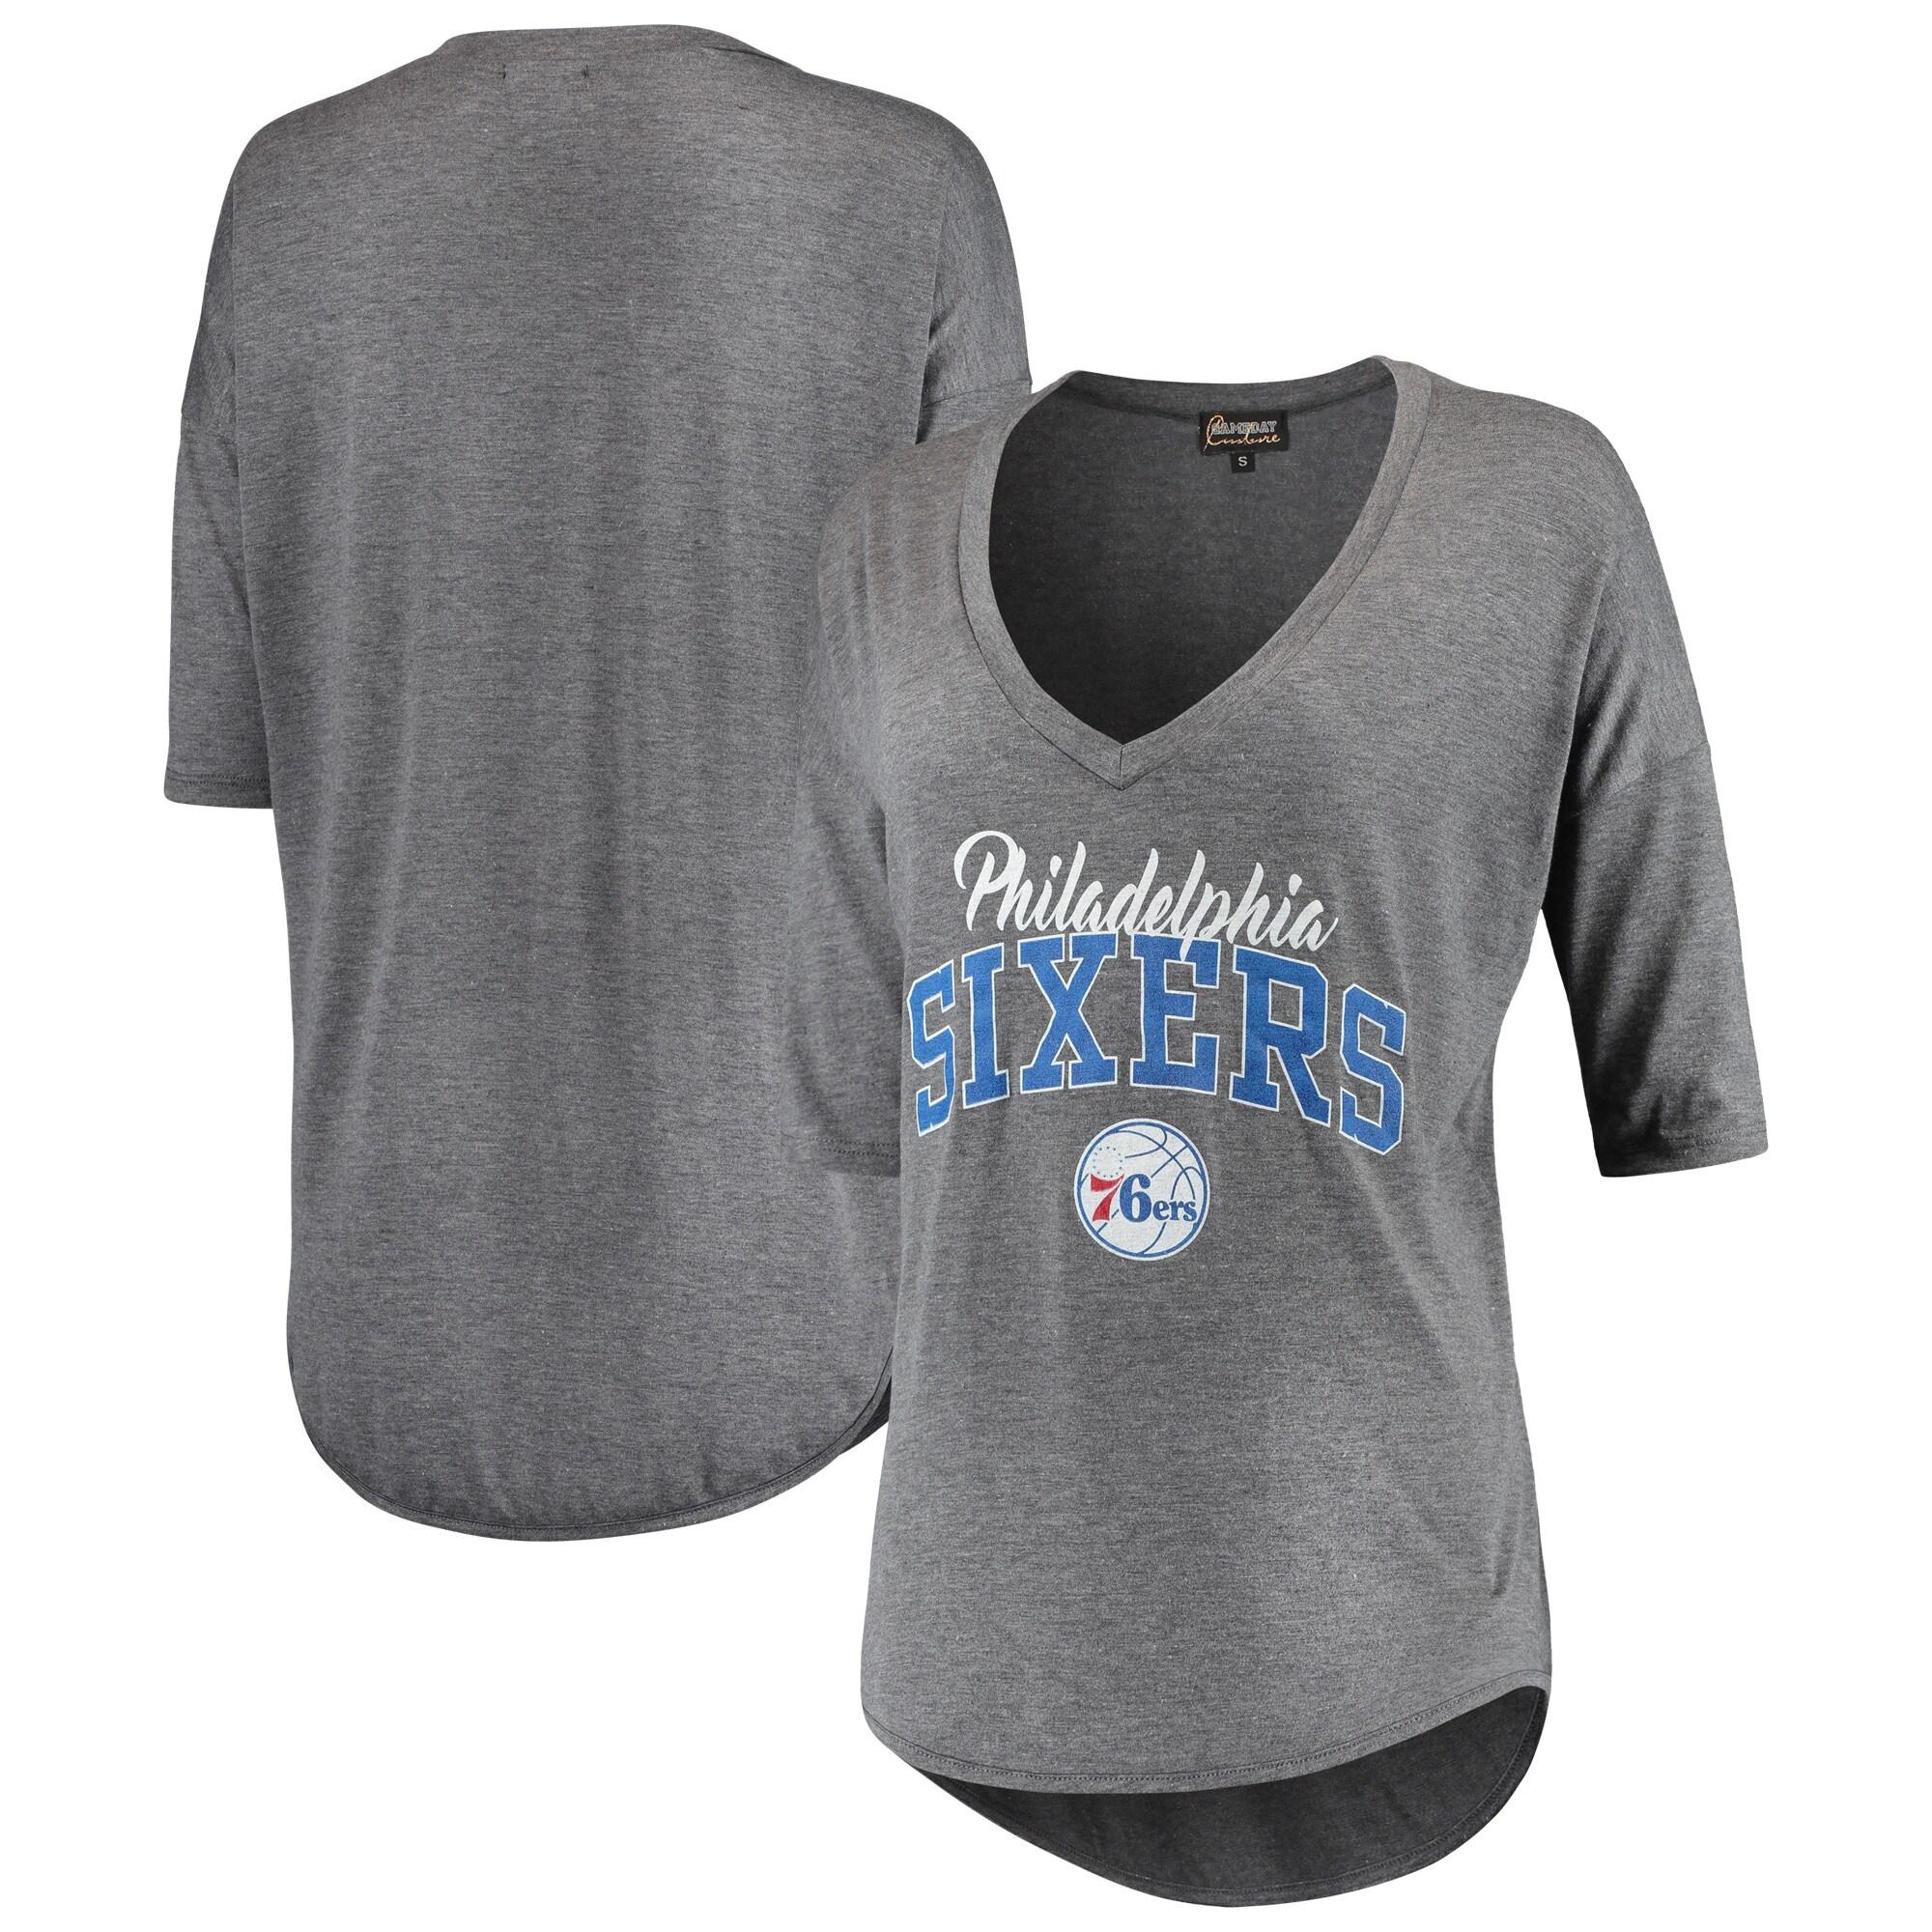 Philadelphia 76ers Women's Deep V-Neck Tri-Blend Half-Sleeve T-Shirt - Gray